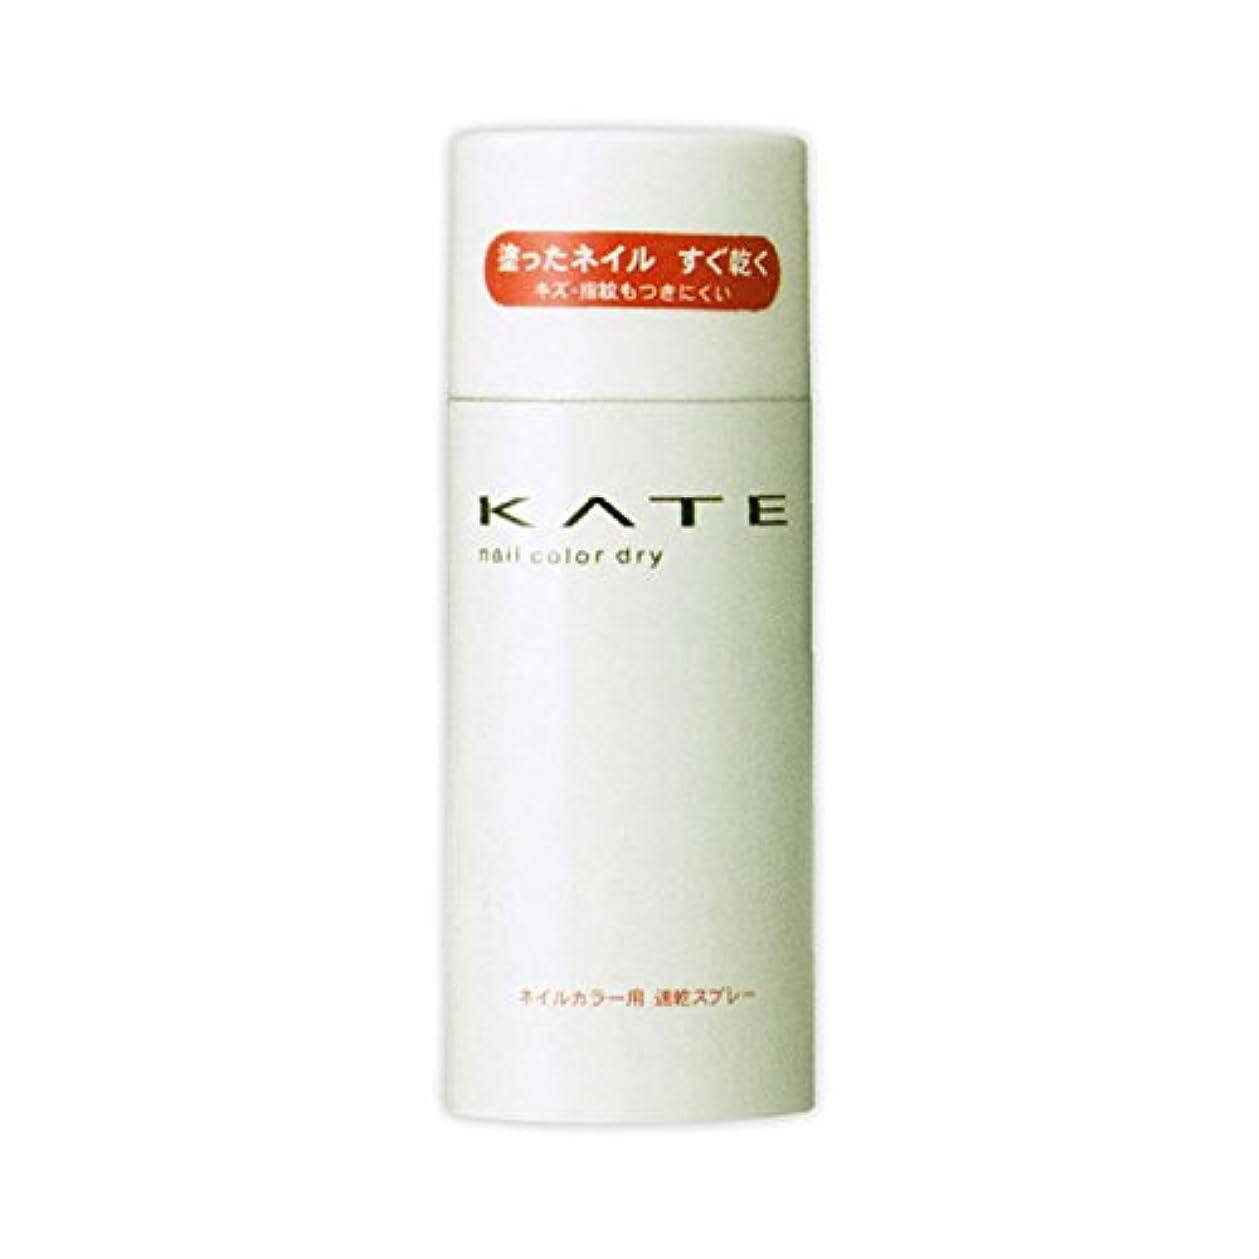 休憩年金受給者カネボウ ケイト KATE ネイルカラードライ S 90g